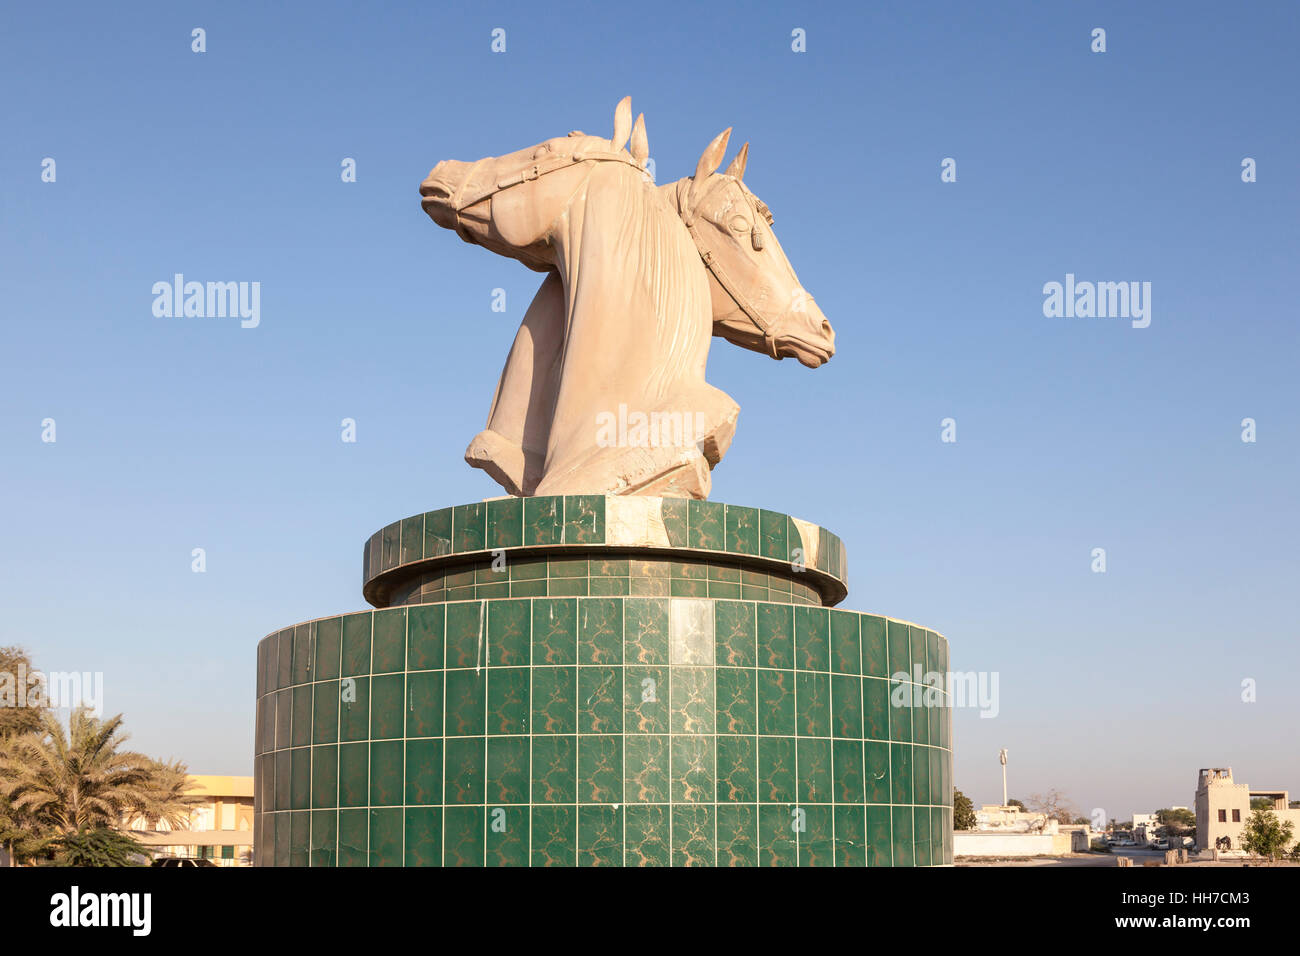 Fish aquarium in umm al quwain - Horses Statue In A Roundabout In Umm Al Quwain Uae Stock Image